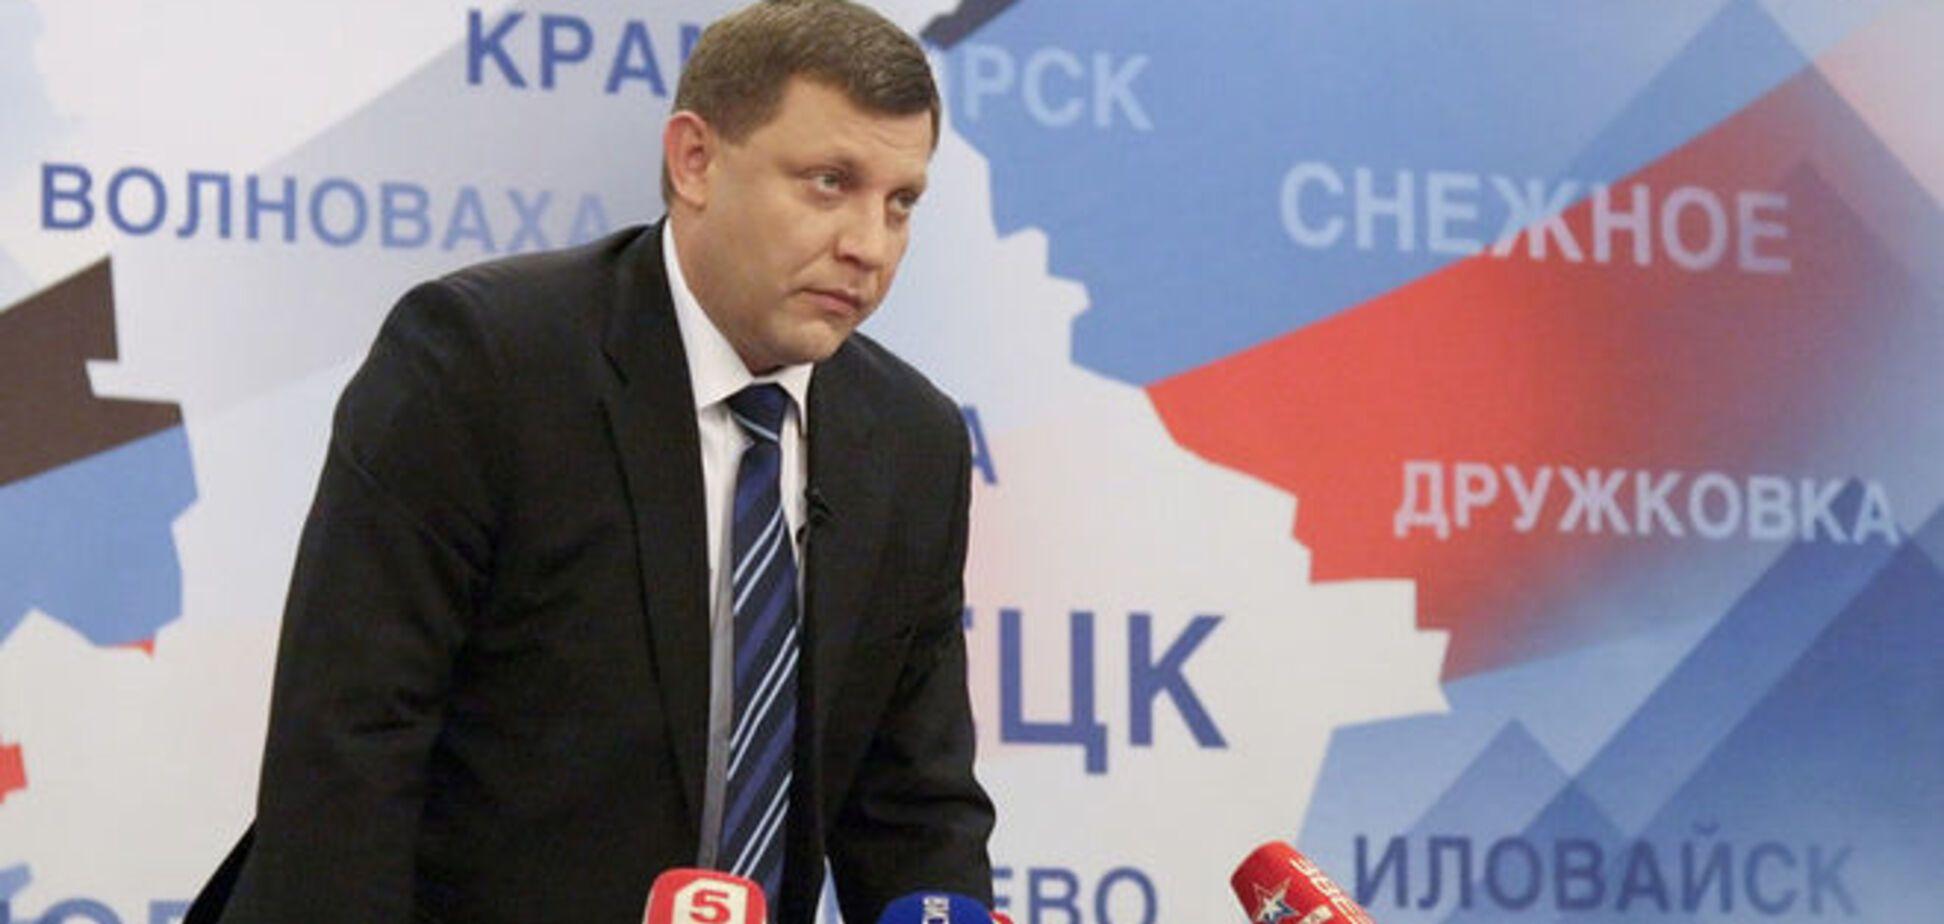 Терористи 'ДНР' оголосили набір в свою 'патрульну поліцію': фотофакт